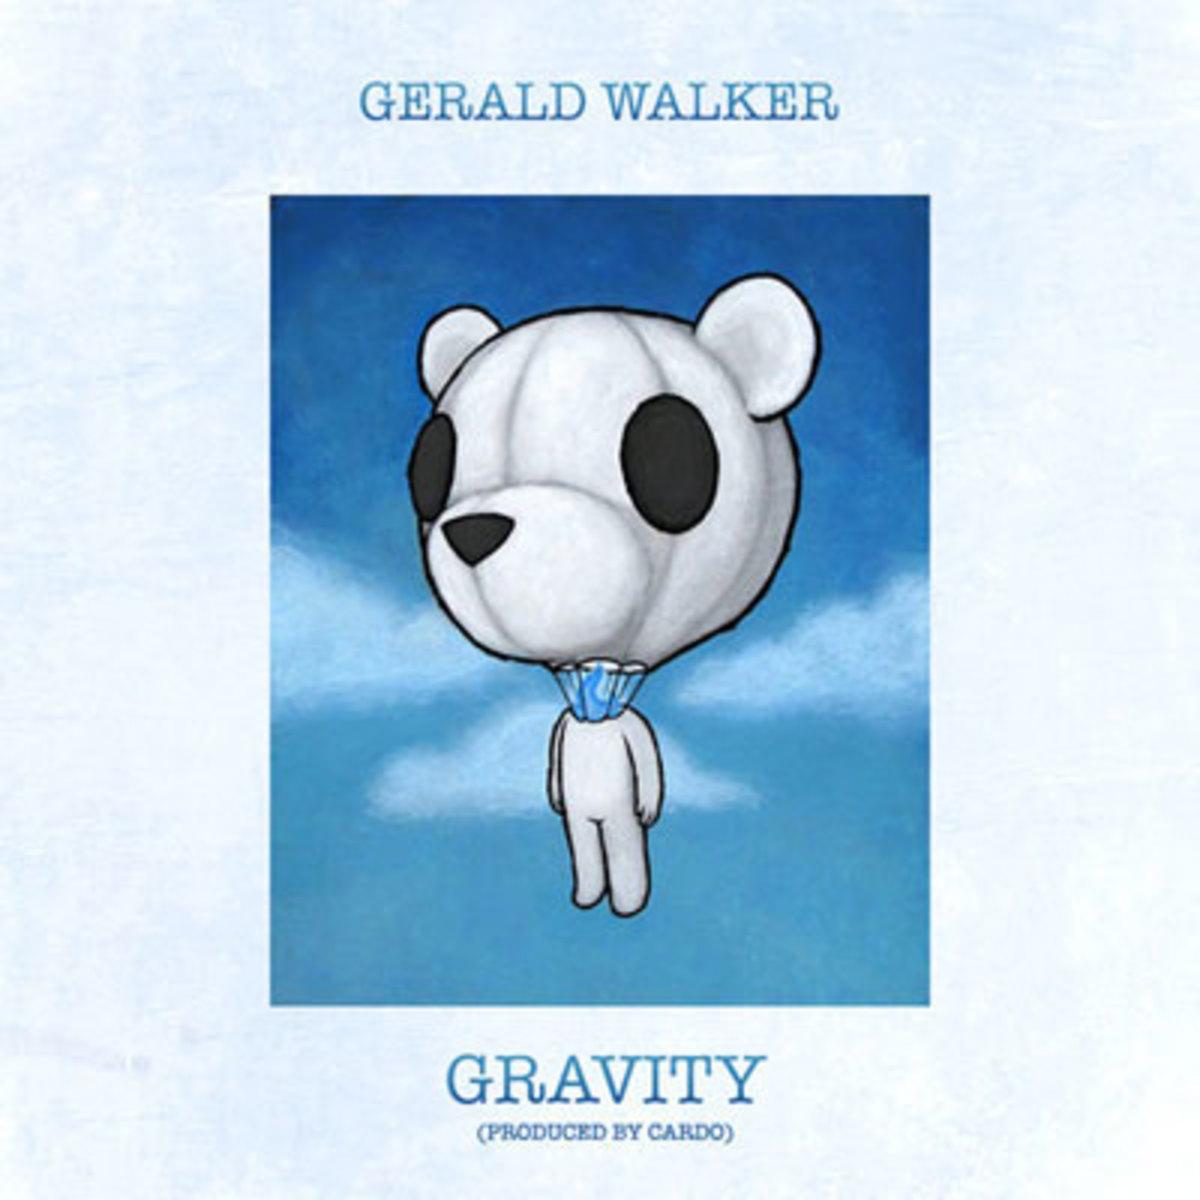 geraldwalker-gravity.jpg